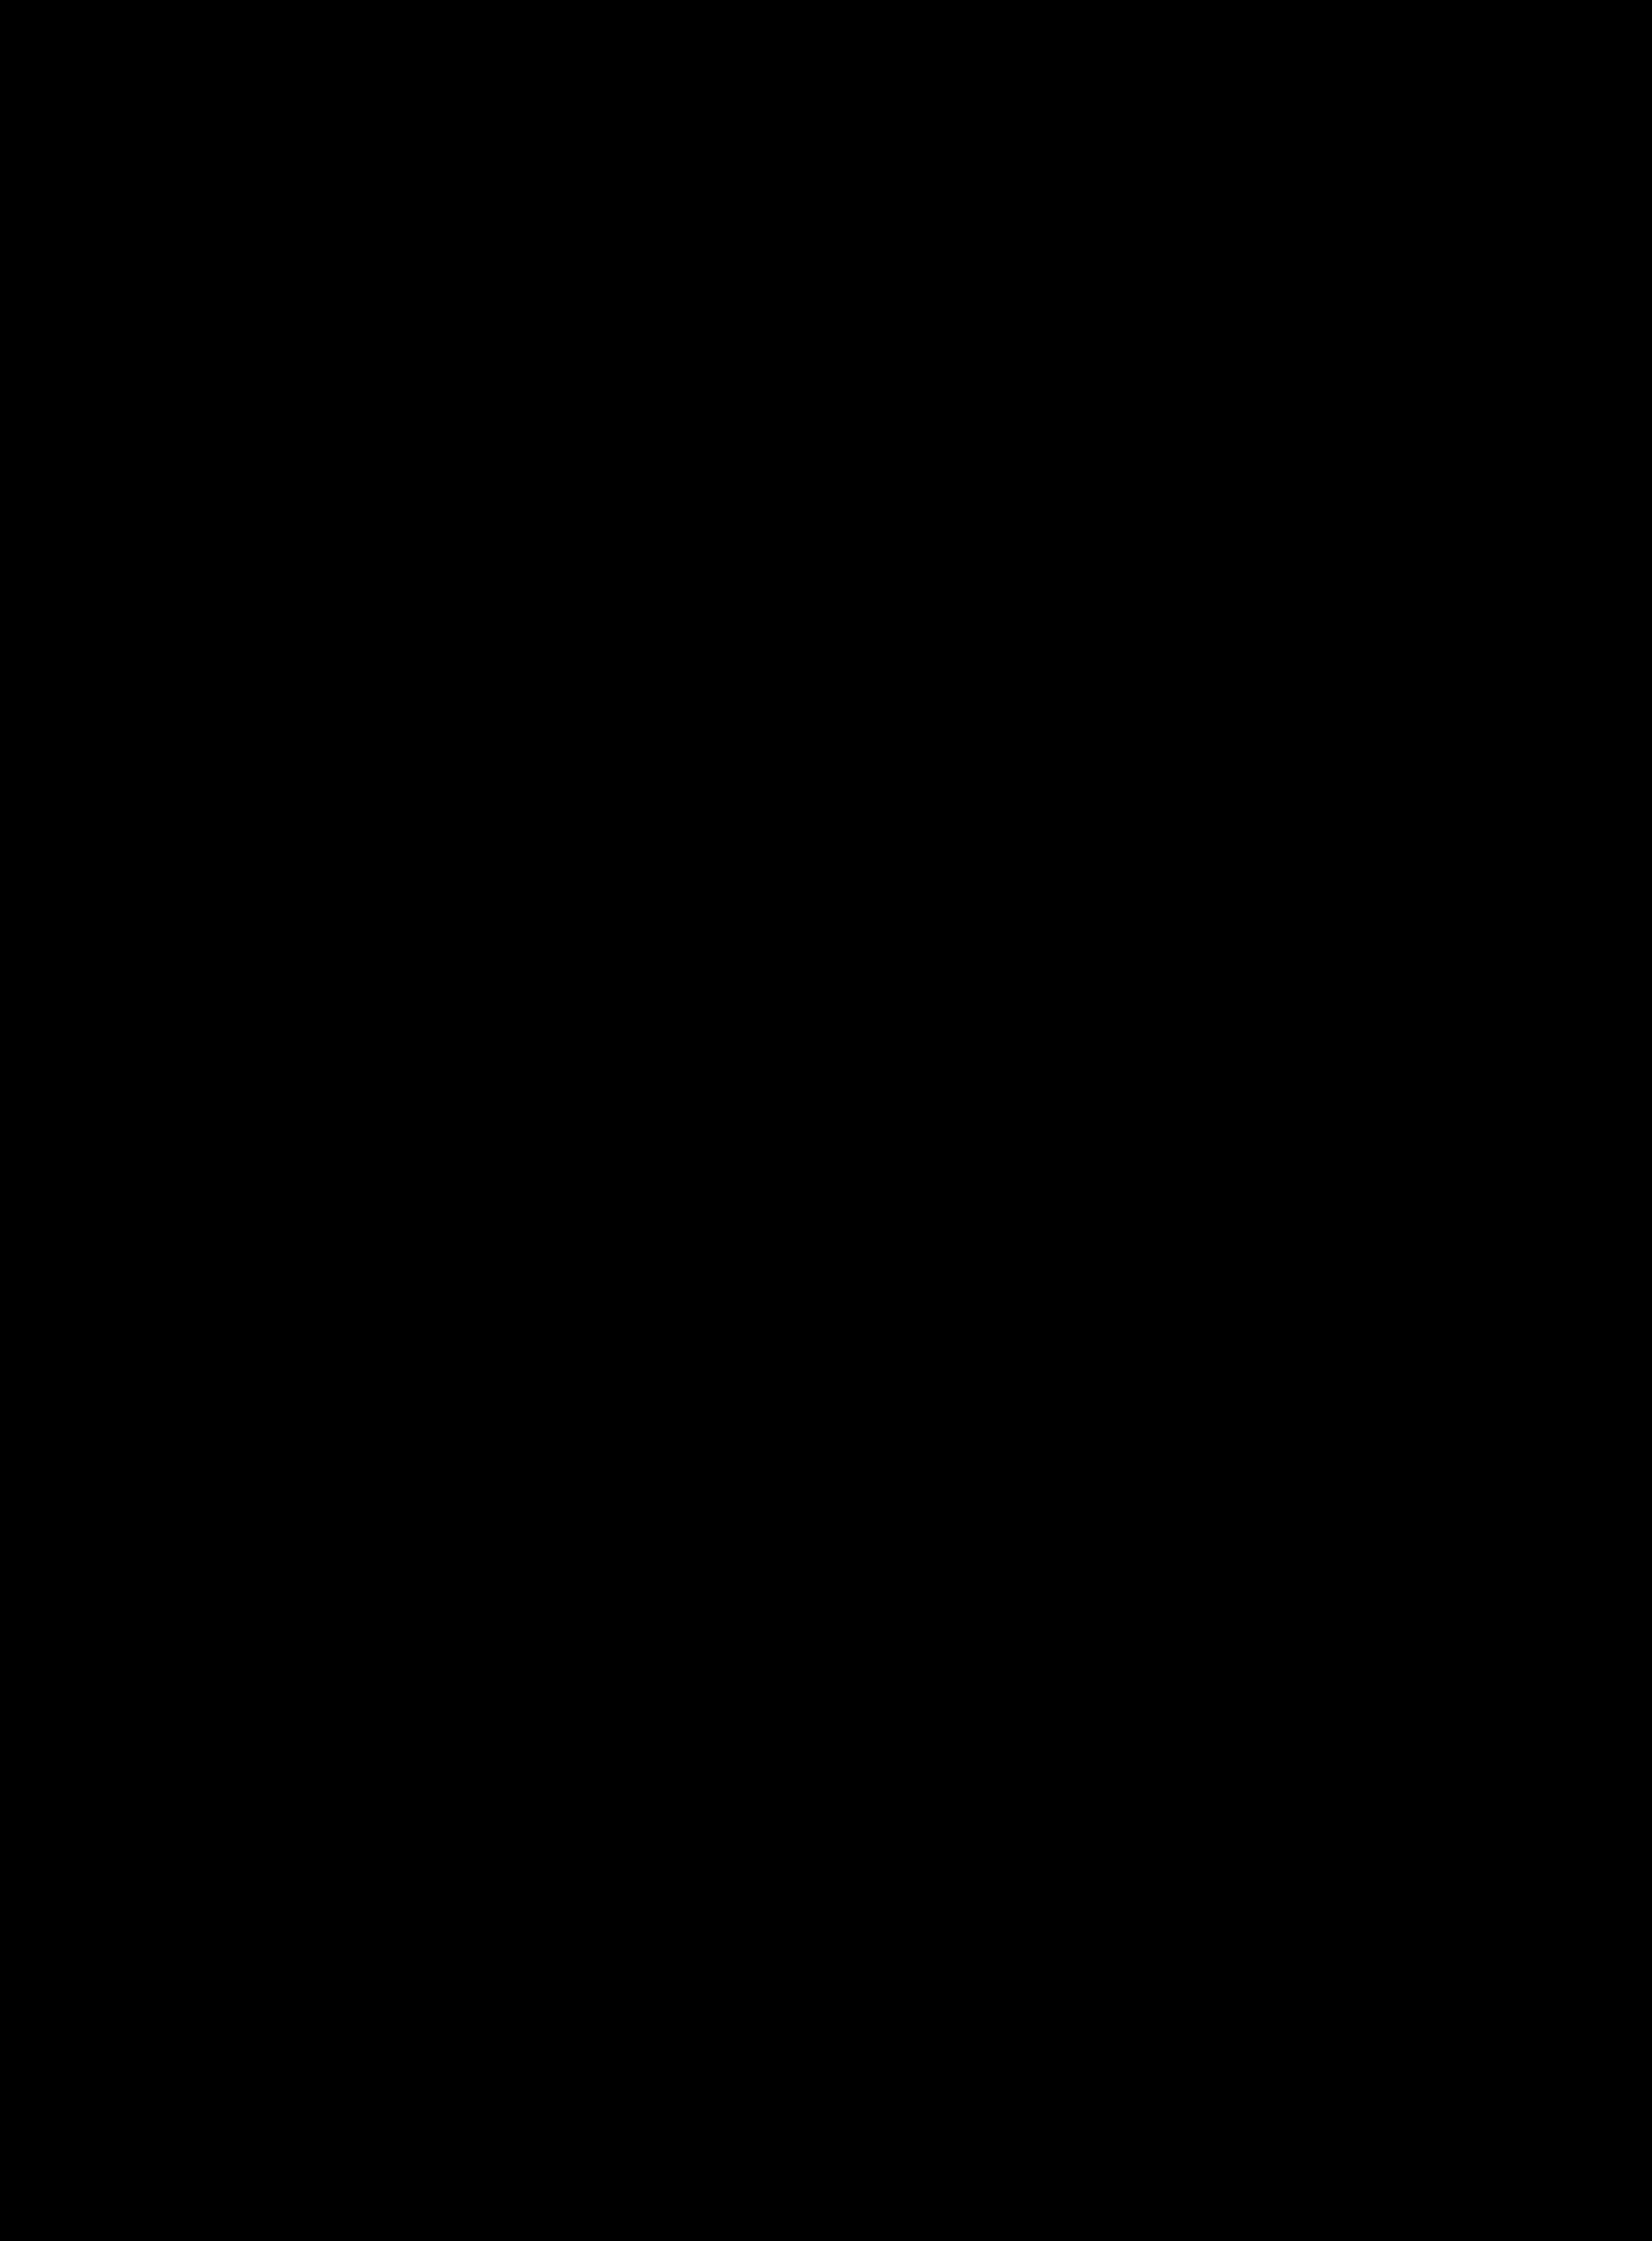 Graphitstudie; 1981; imachd.